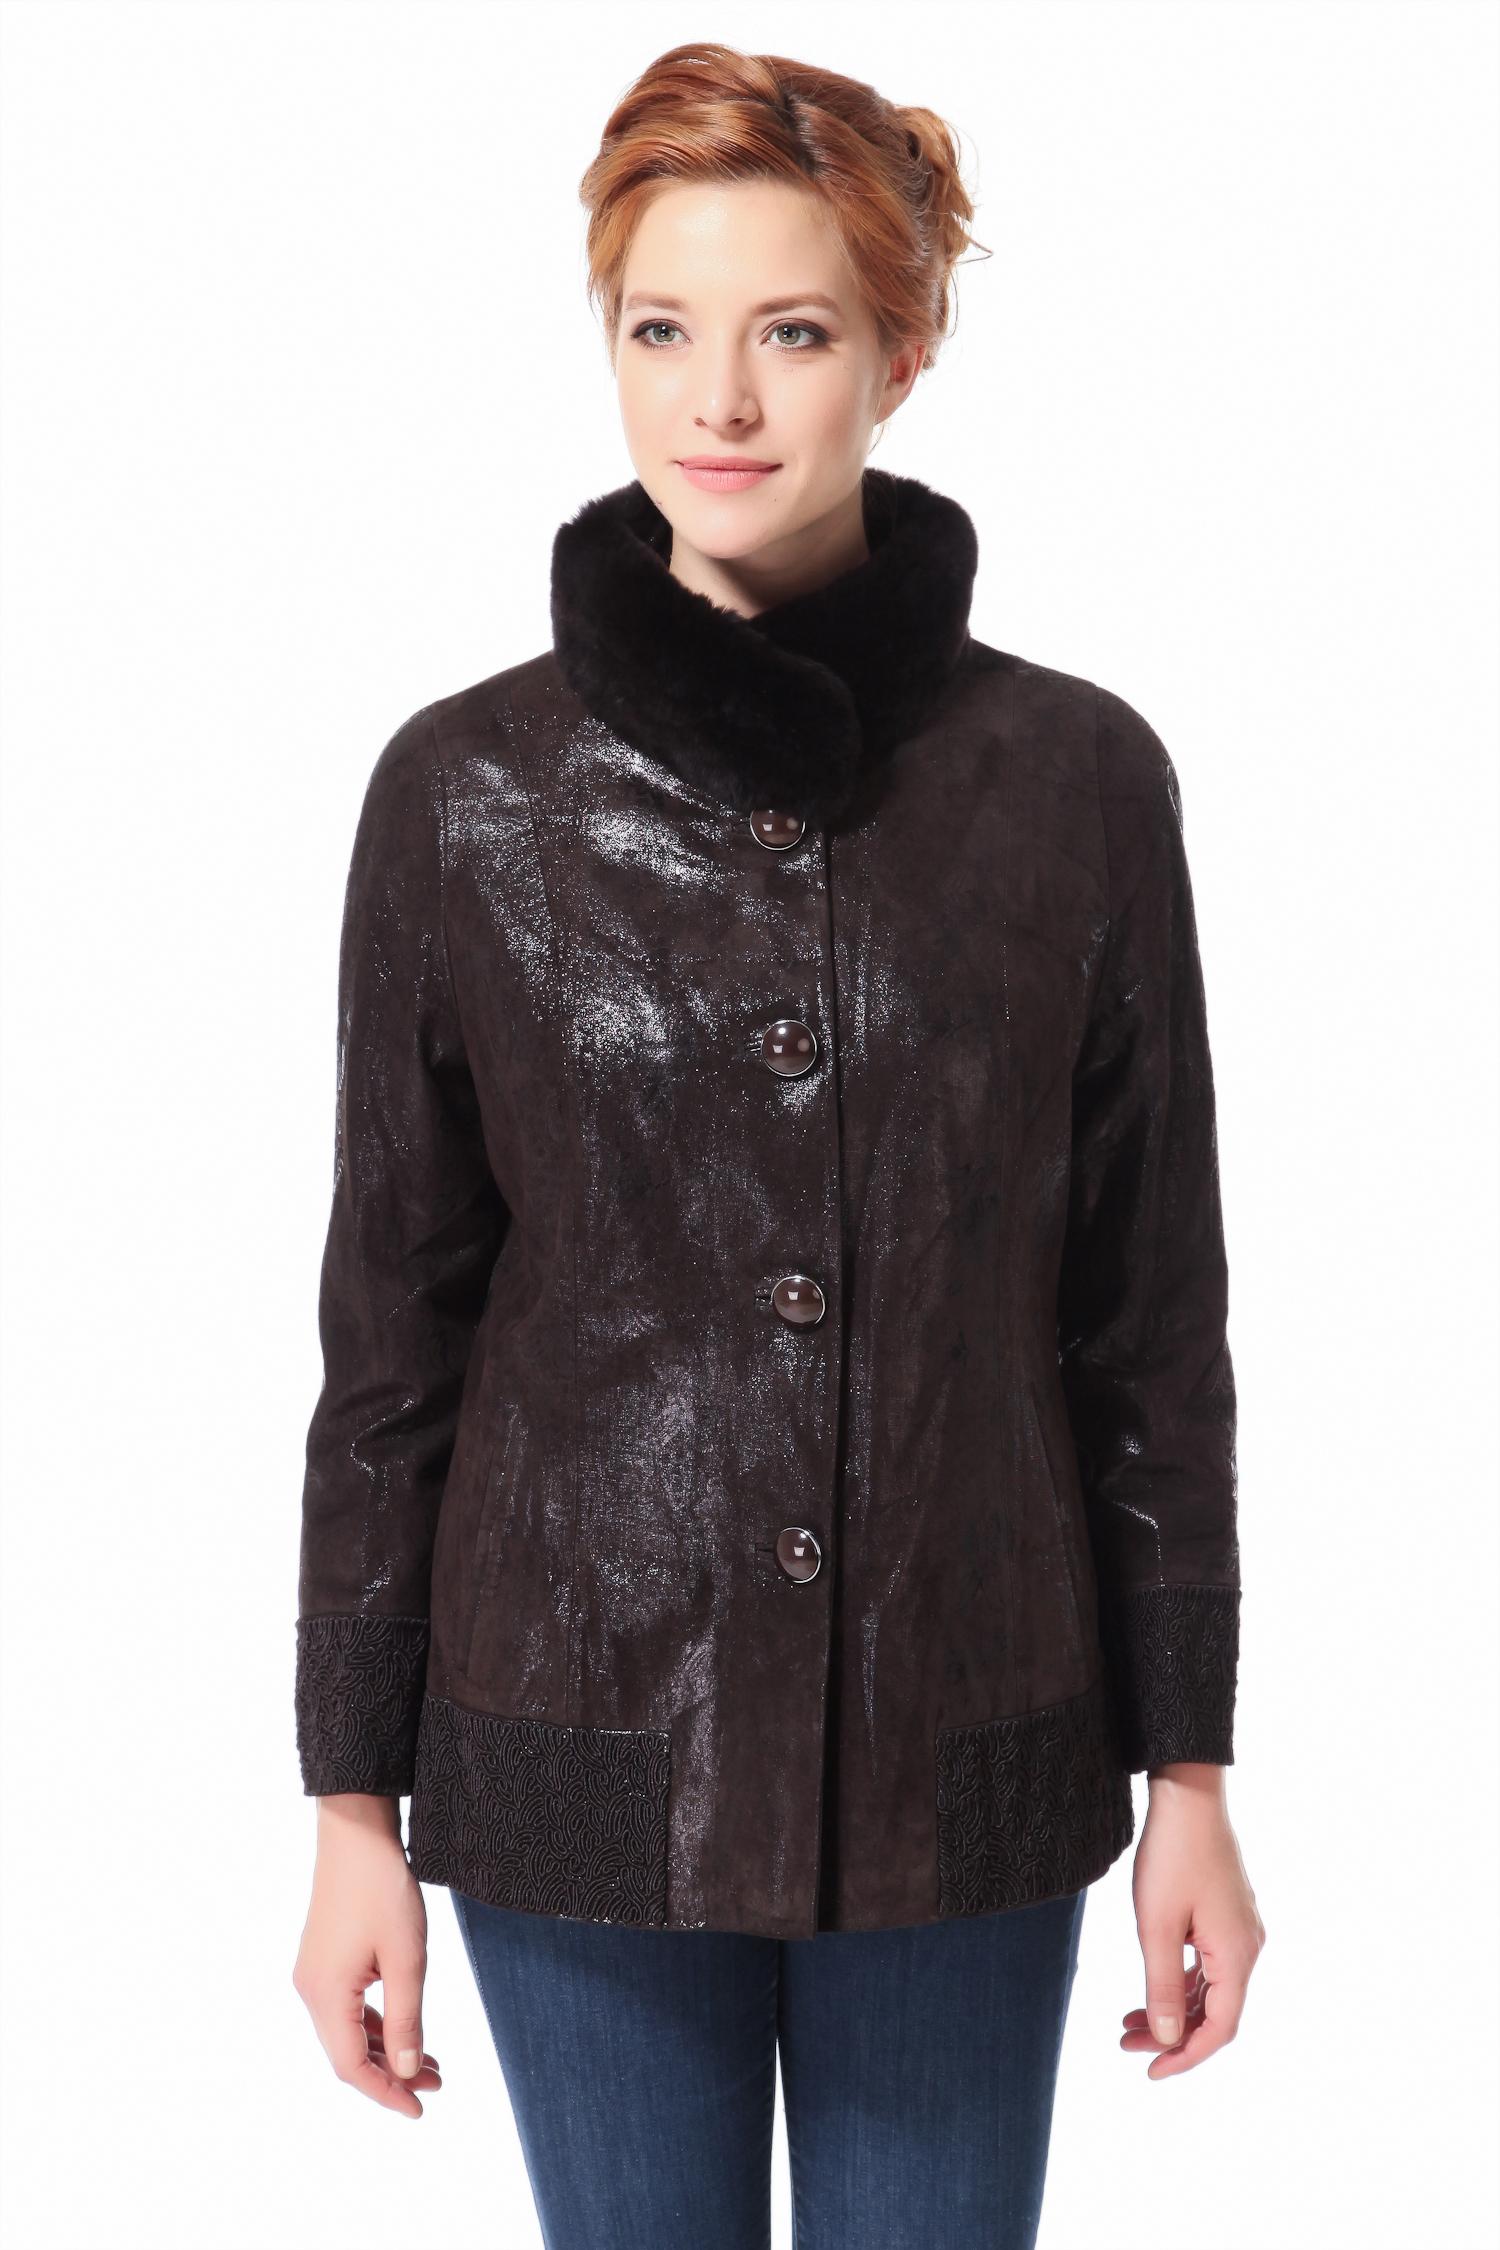 Женская кожаная куртка из натуральной кожи с воротником, отделка кролик